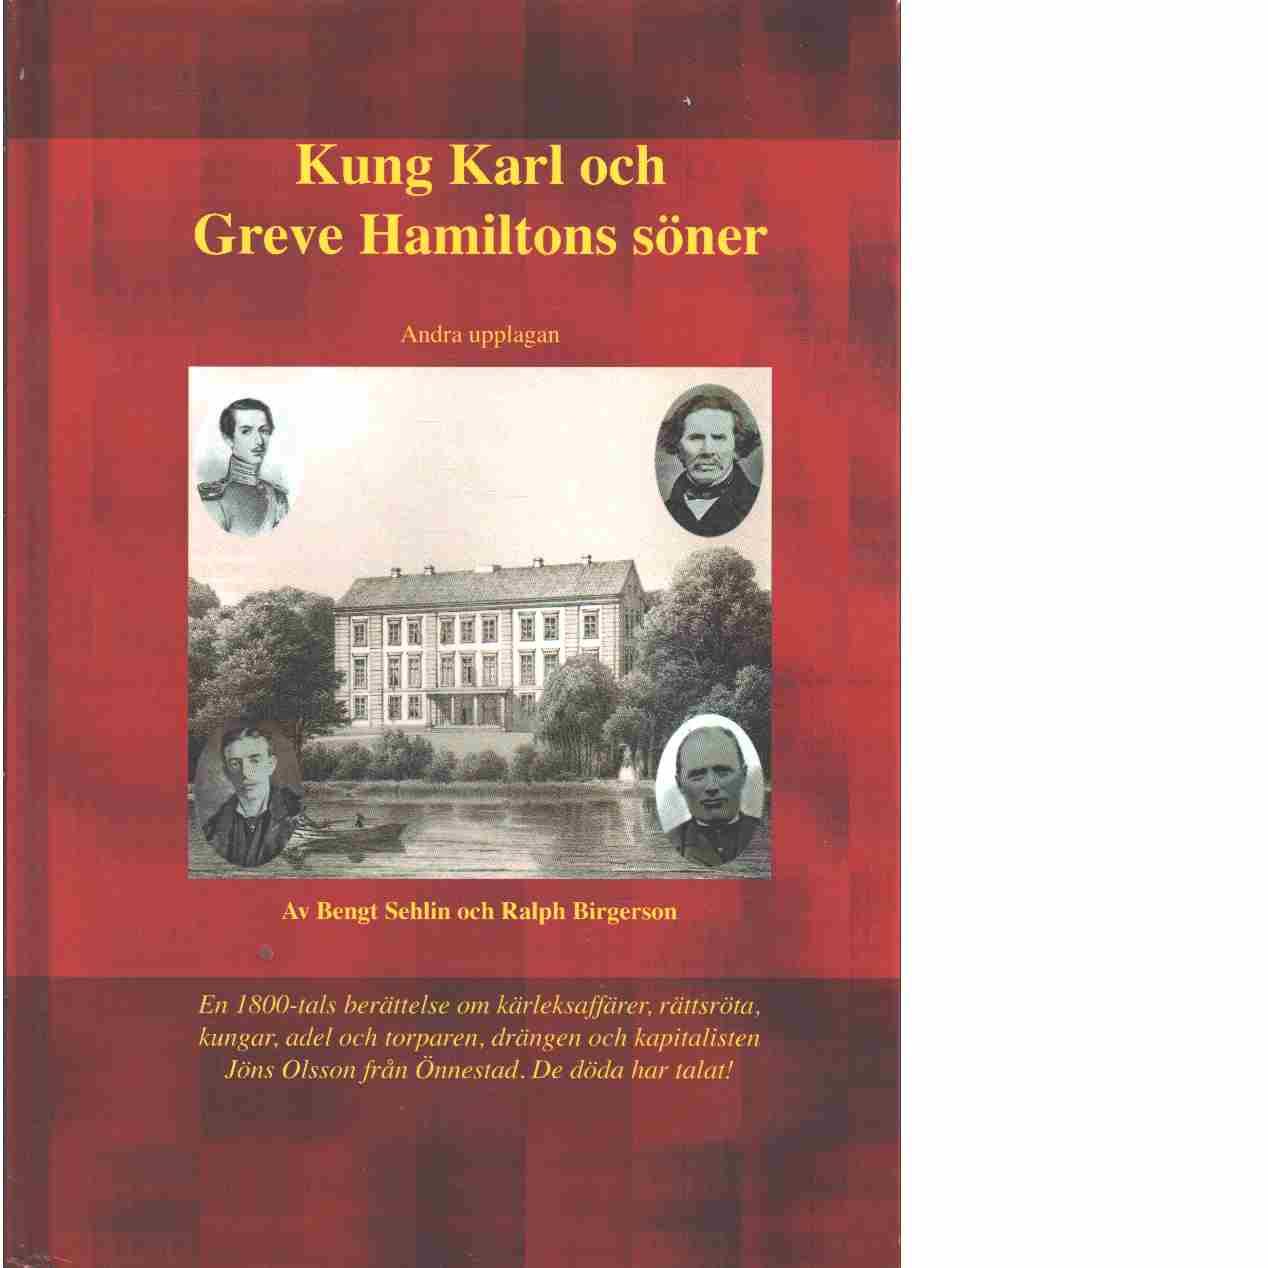 Kung Karl och greve Hamiltons söner - Sehlin, Bengt och Birgerson, Ralph